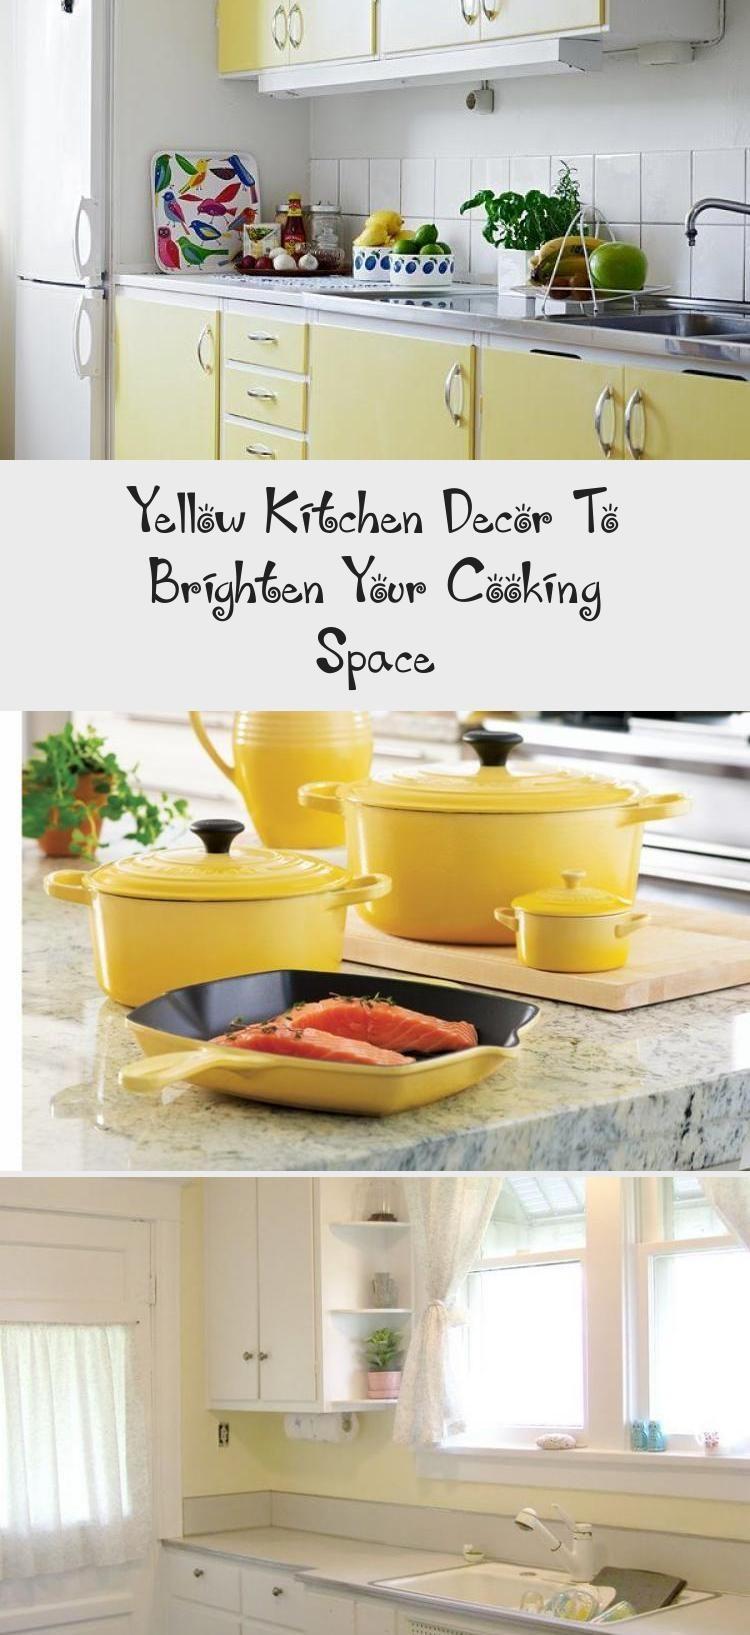 Navy And Yellow Kitchen Navy Yellow Kitchen Kitchen Navy Yellow Yellow Kitchen Decor Yellow Kitchen Green Kitchen Accessories